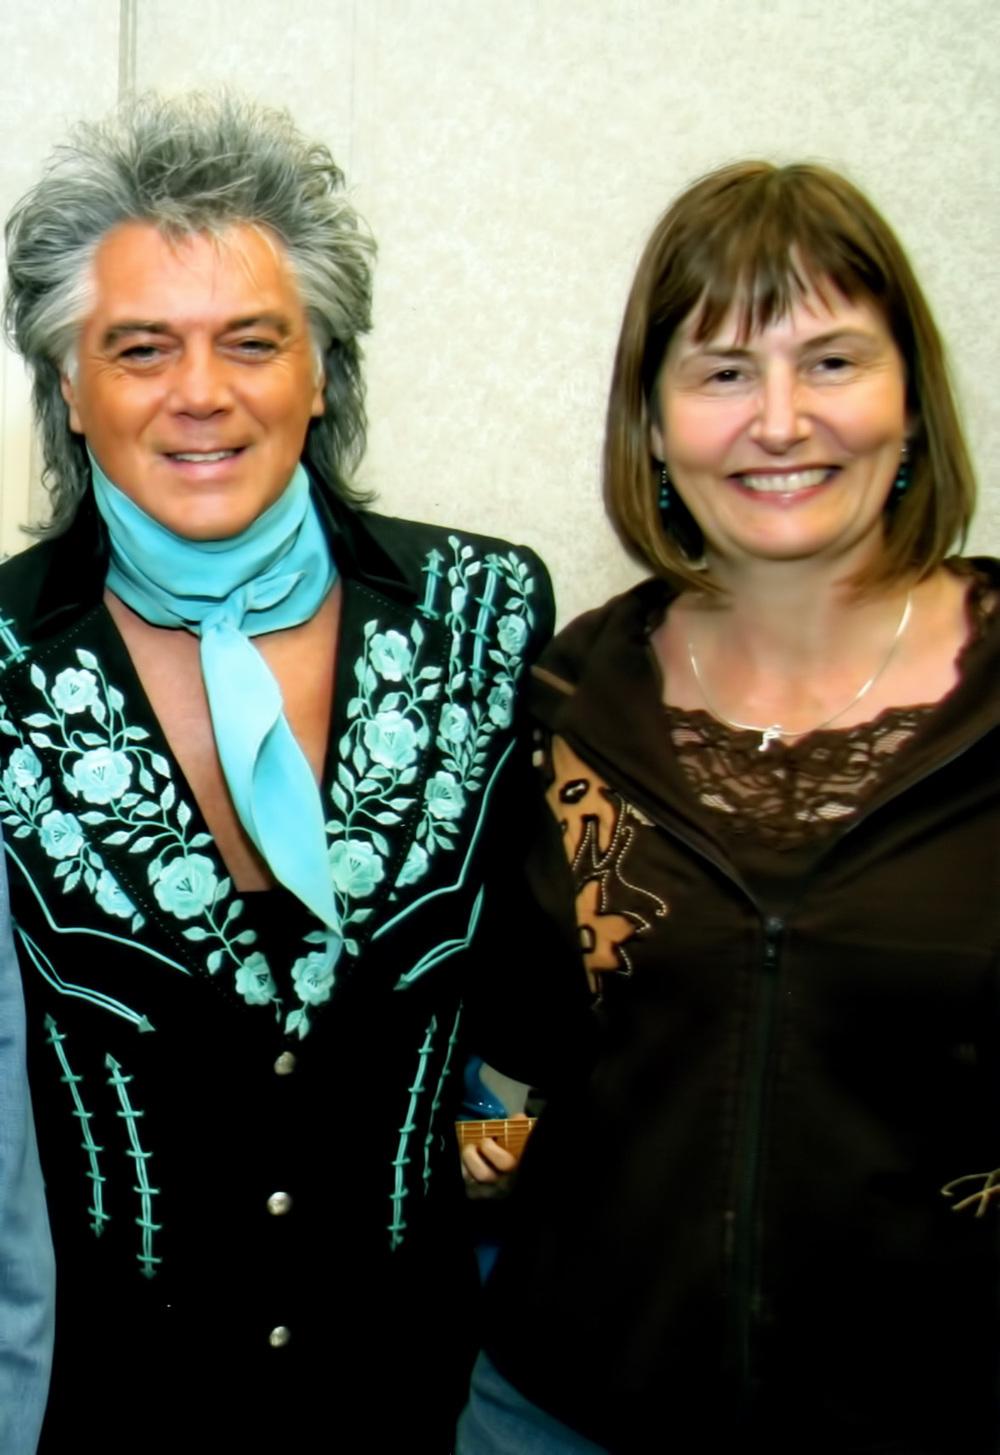 2011 - Marty Stuart & Blueberry Treasurer Sheila Hallett